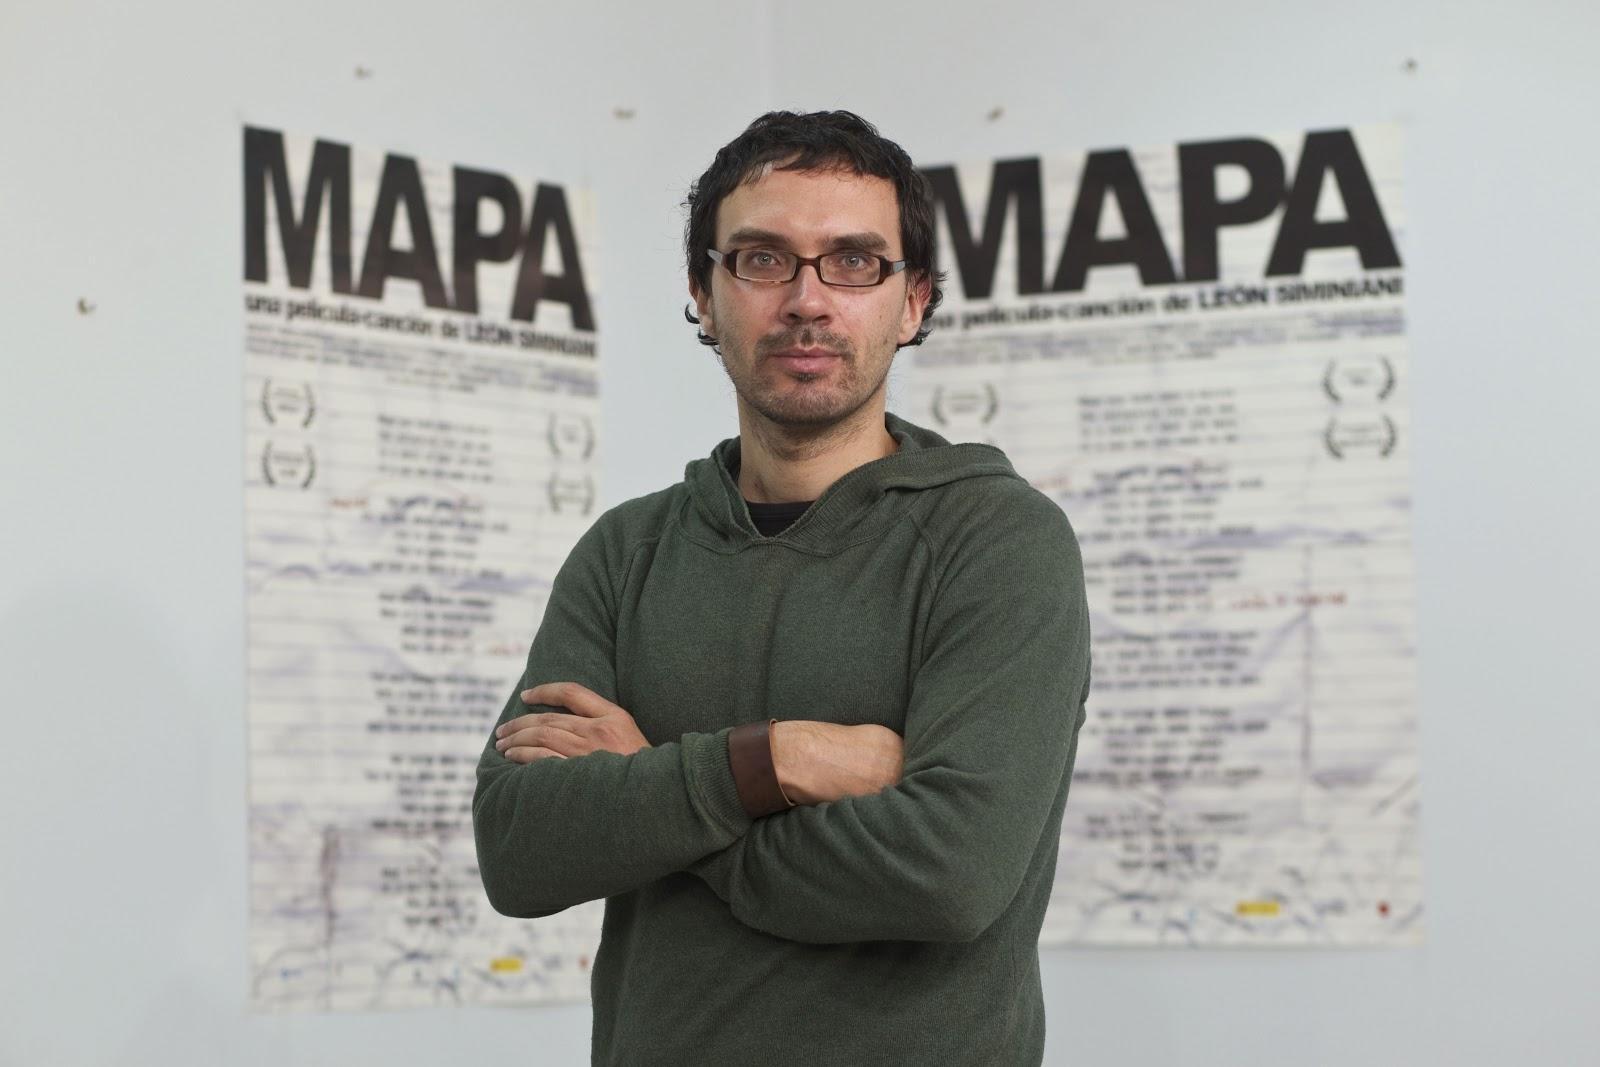 mapa leon siminiani